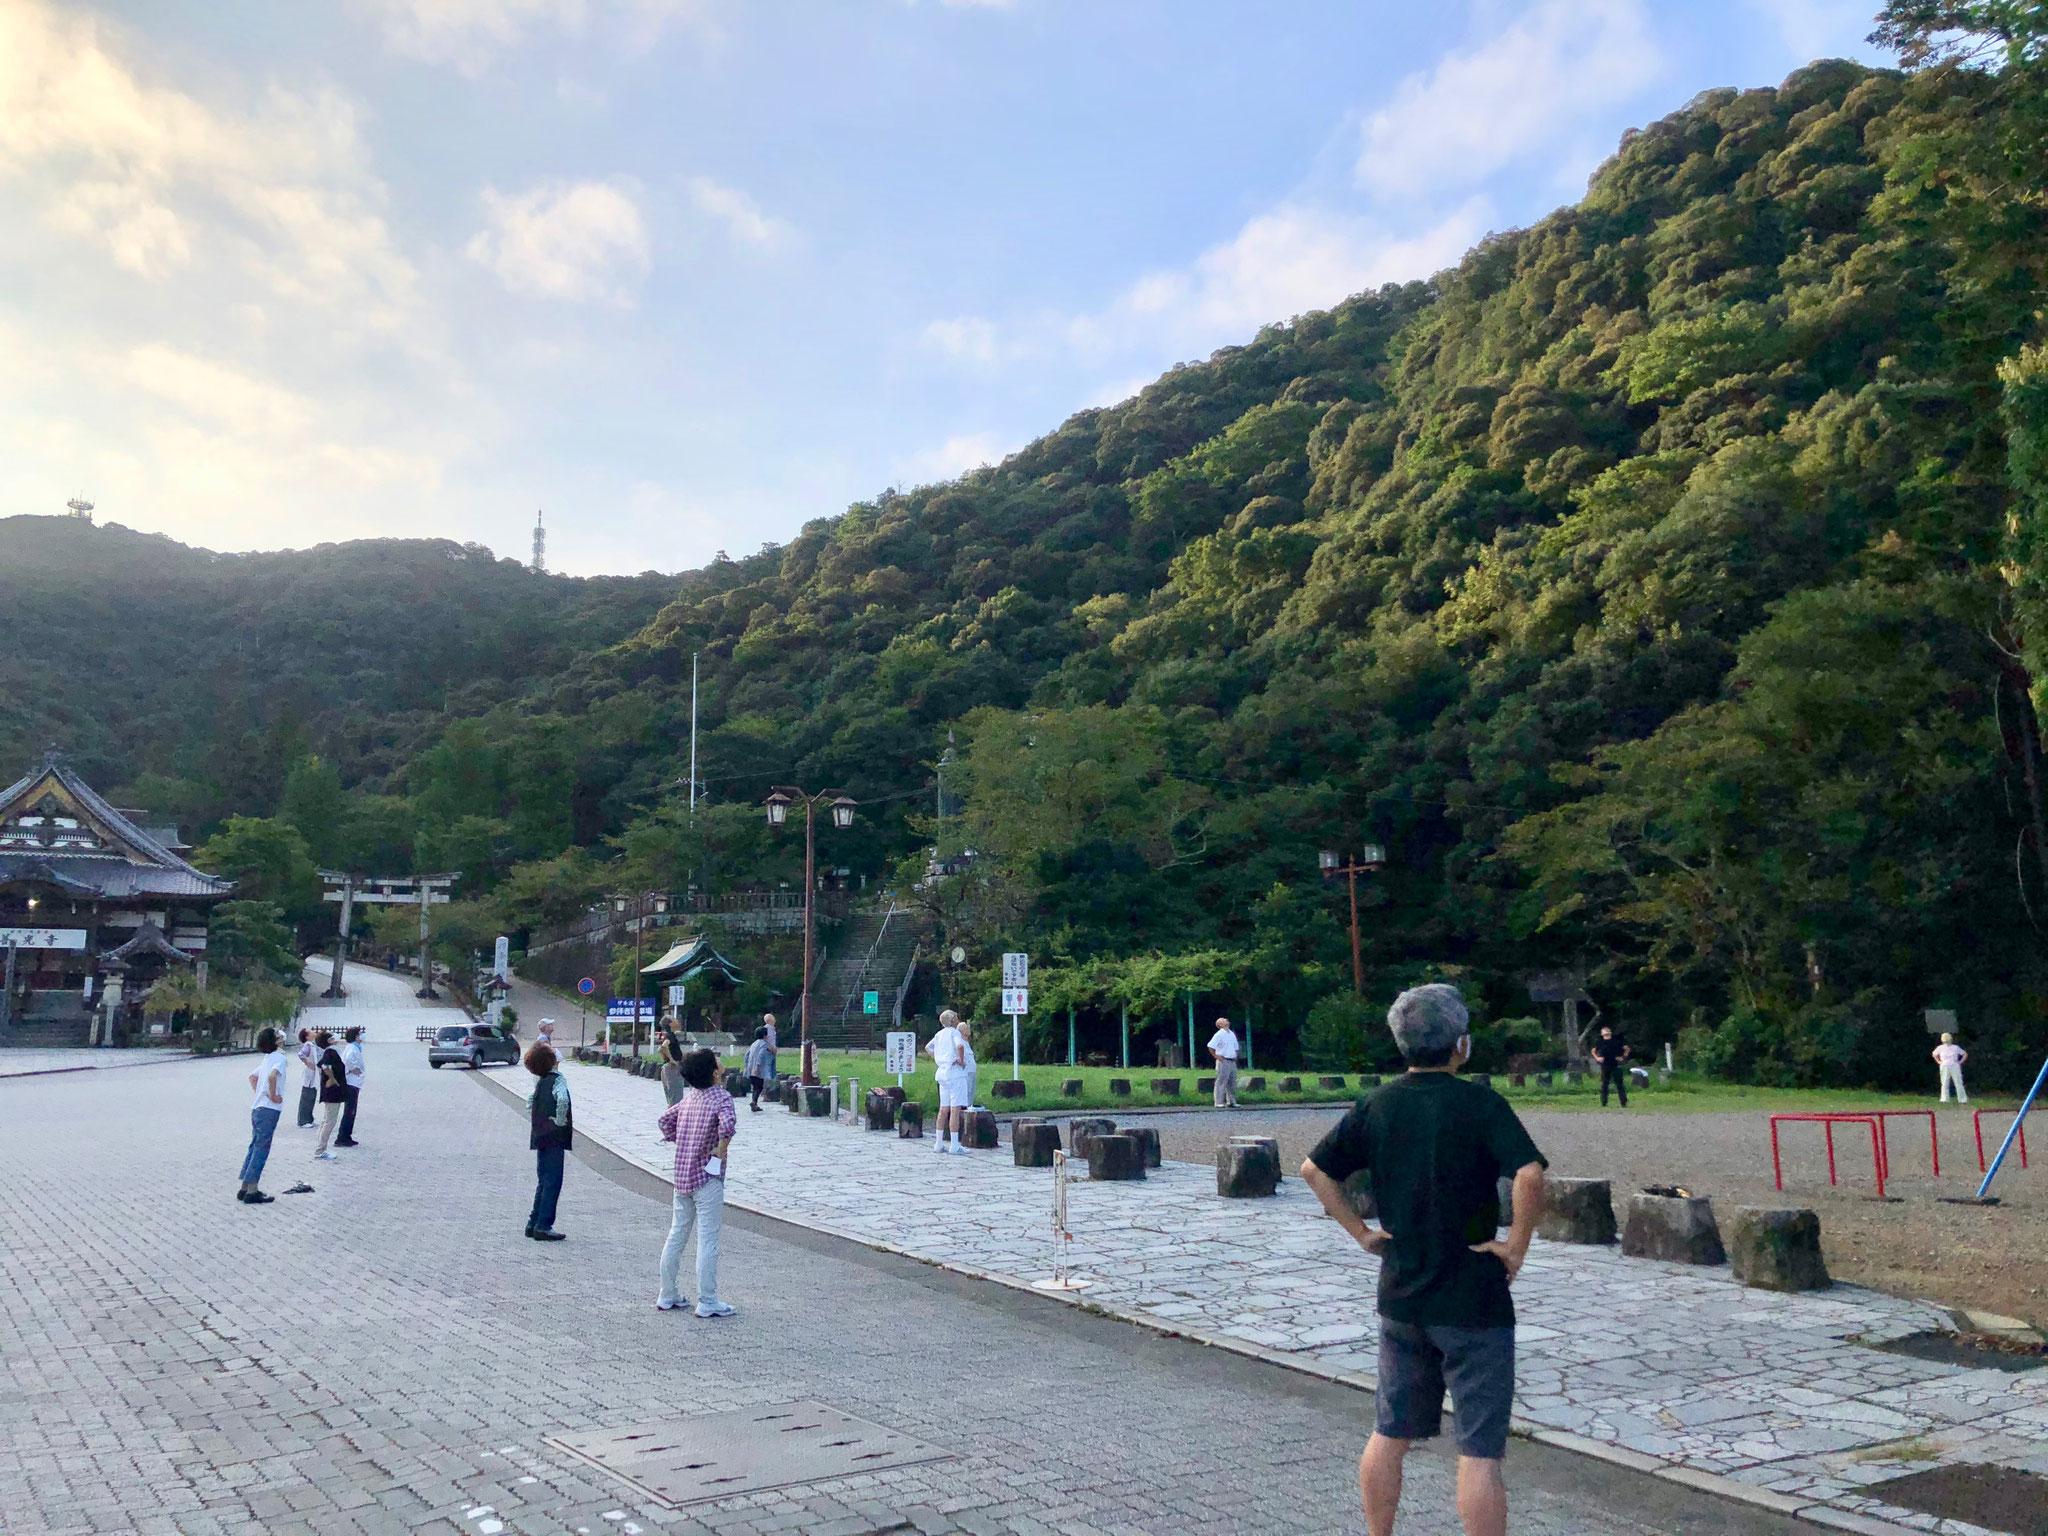 日本のラジオ体操は誰でも参加できる素晴らしい運動コミュニティ